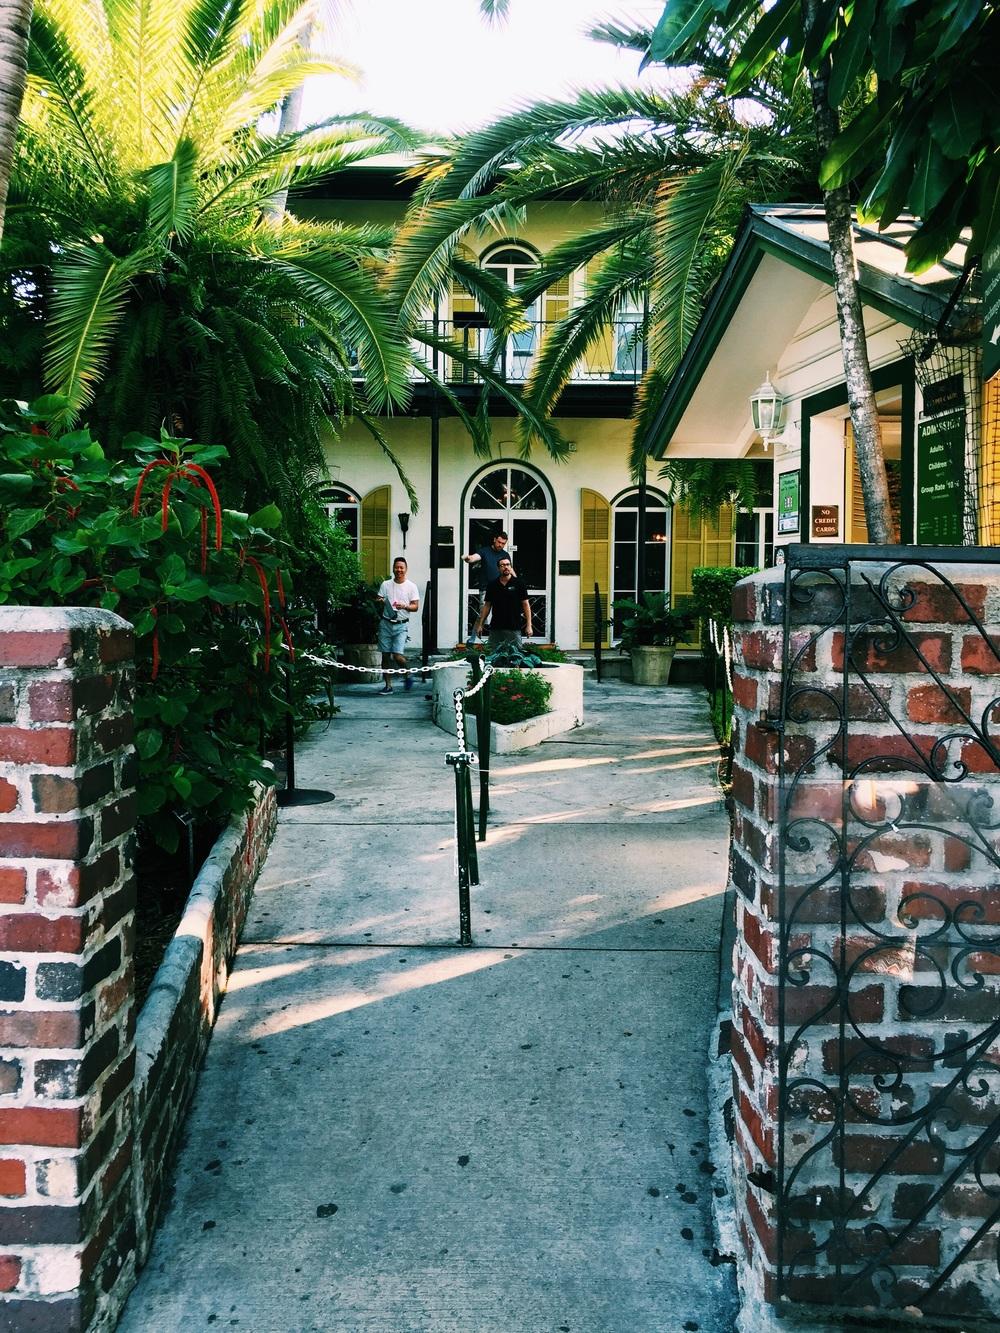 Earnest Hemingway's house